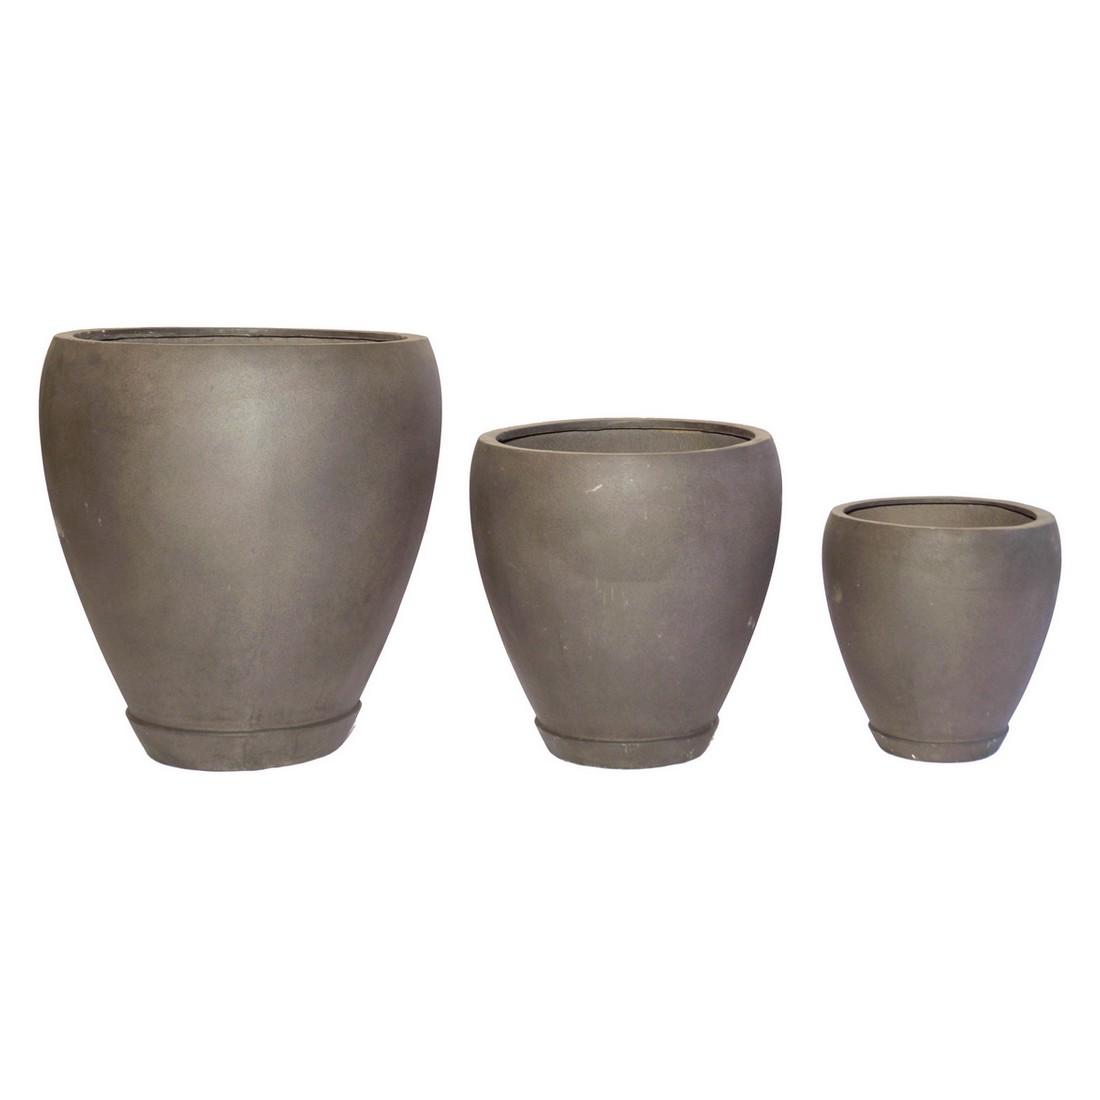 Pflanzkübel Espresso – Kunststoff – Rund Trendy – Höhe: 35 cm Ø: 34 cm (einzeln), Viducci's Garden günstig bestellen